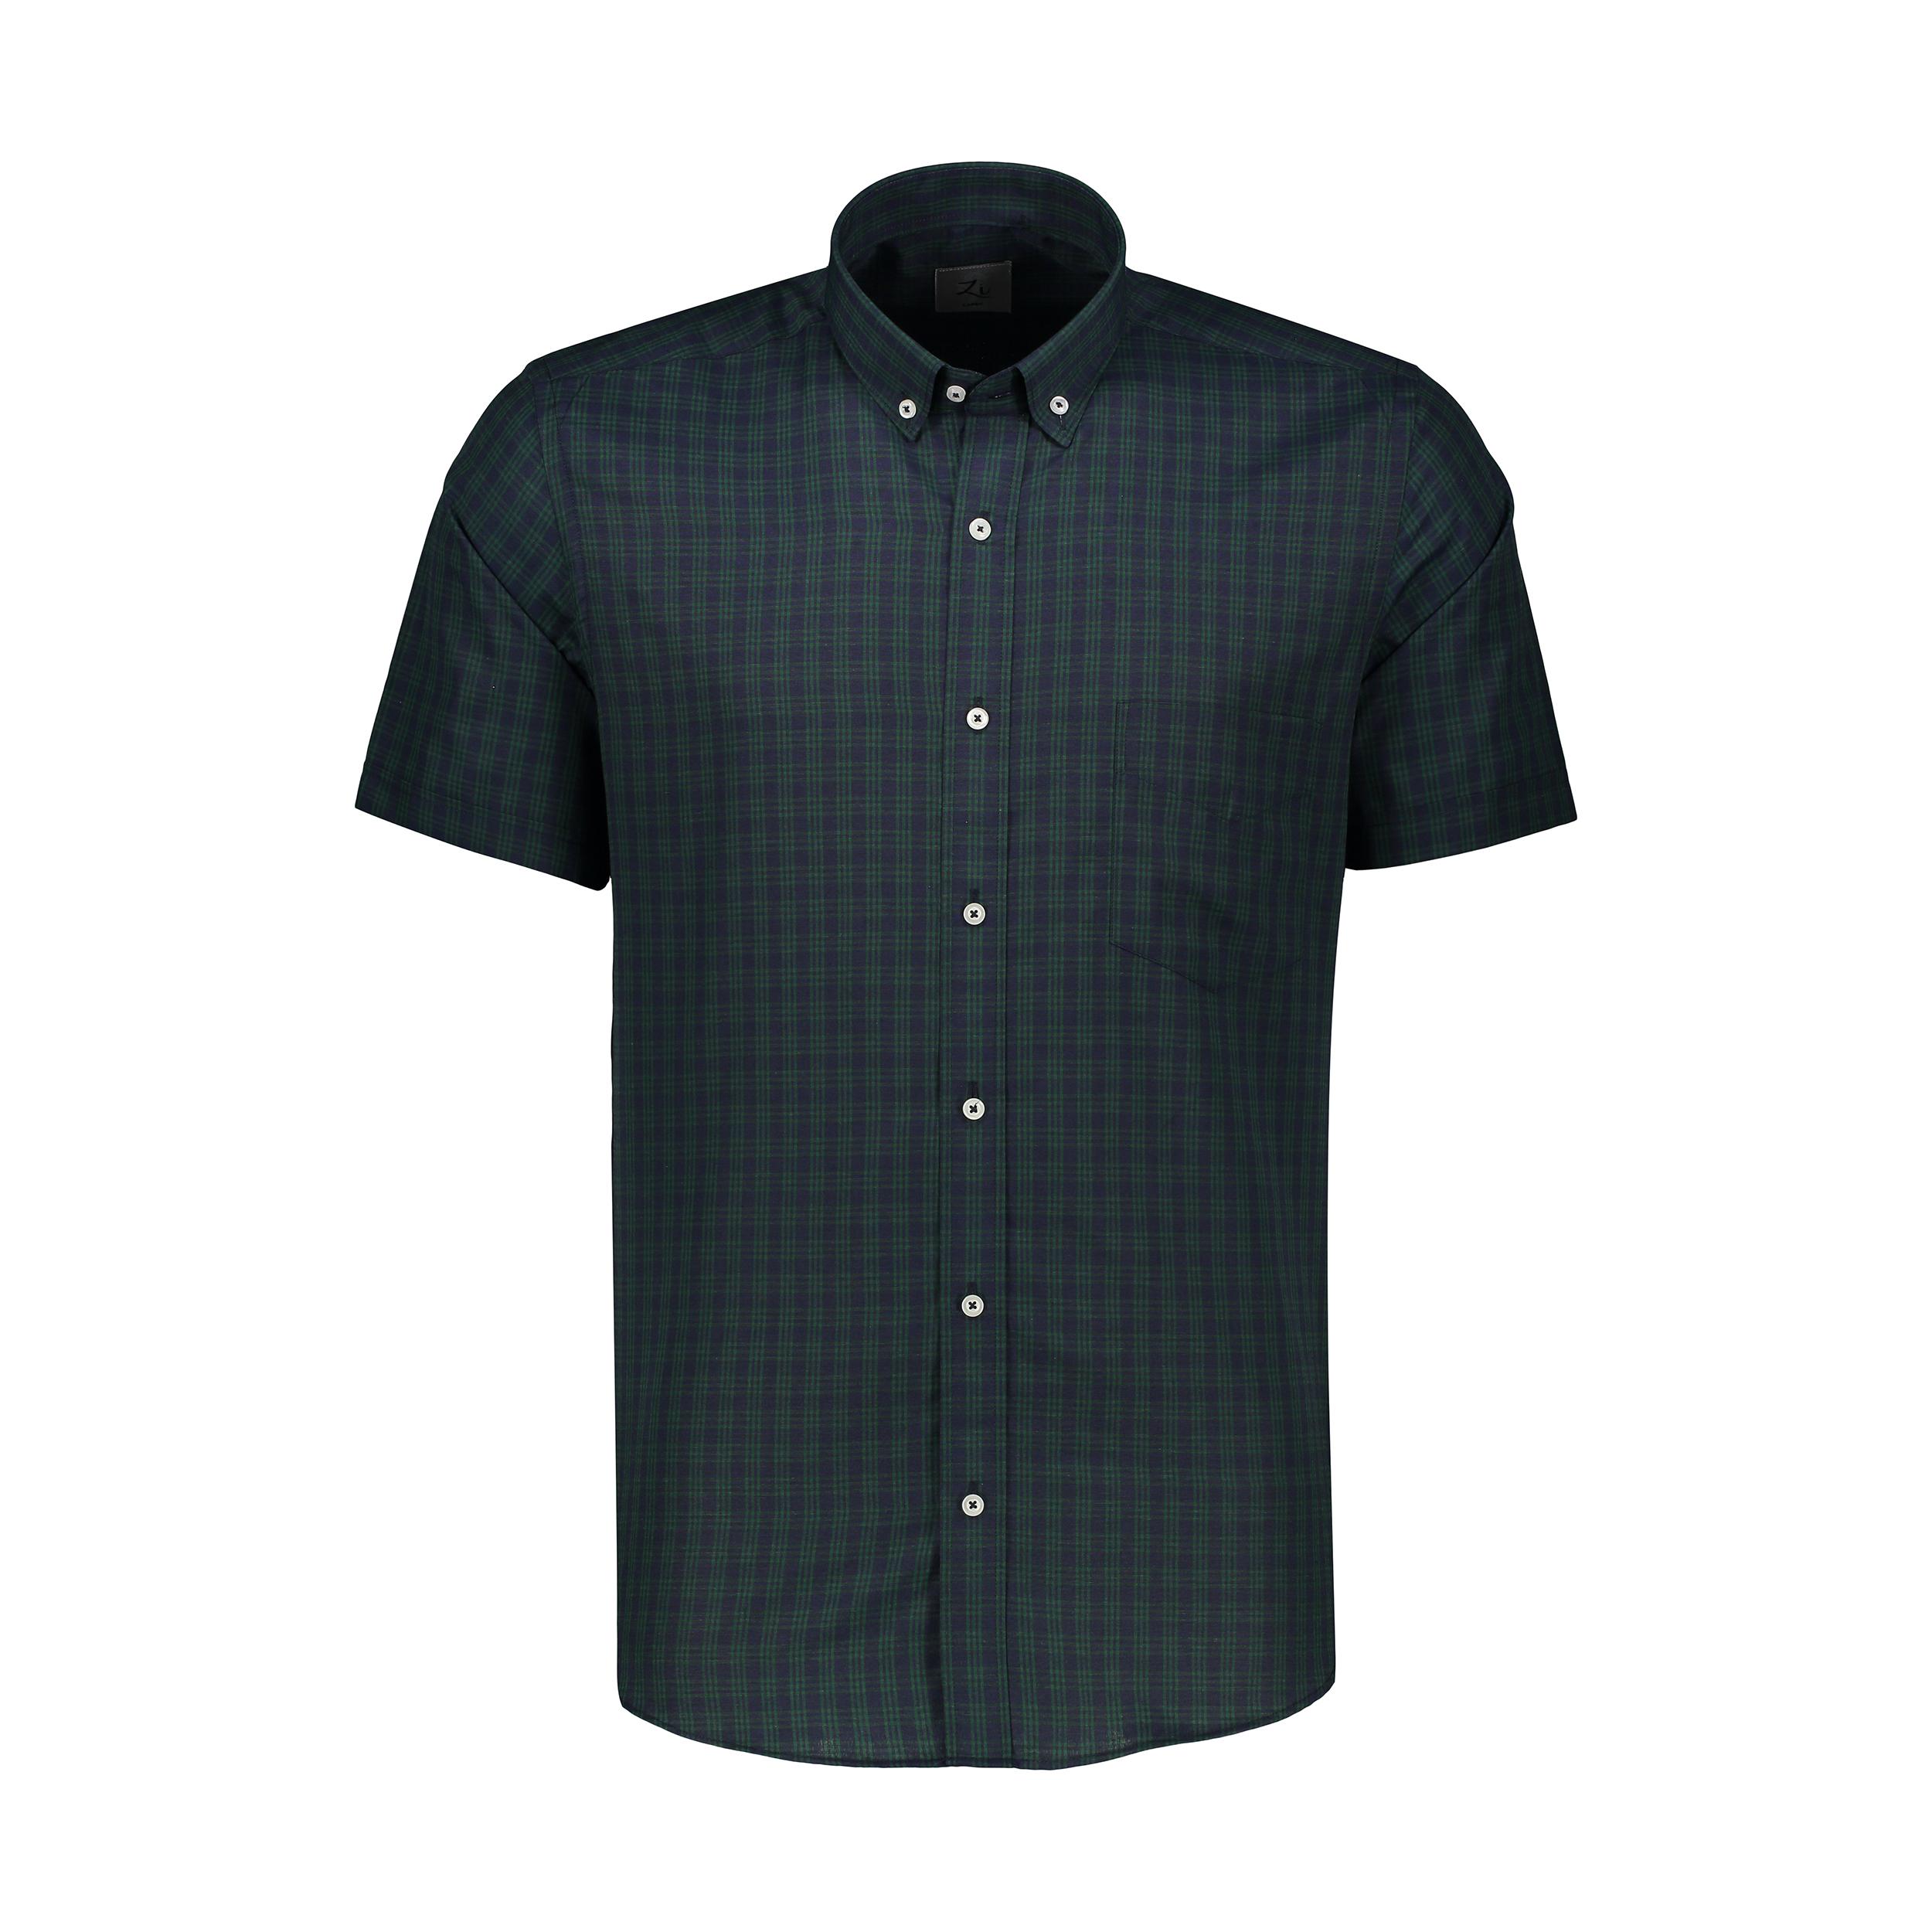 پیراهن مردانه زی مدل 15312304359